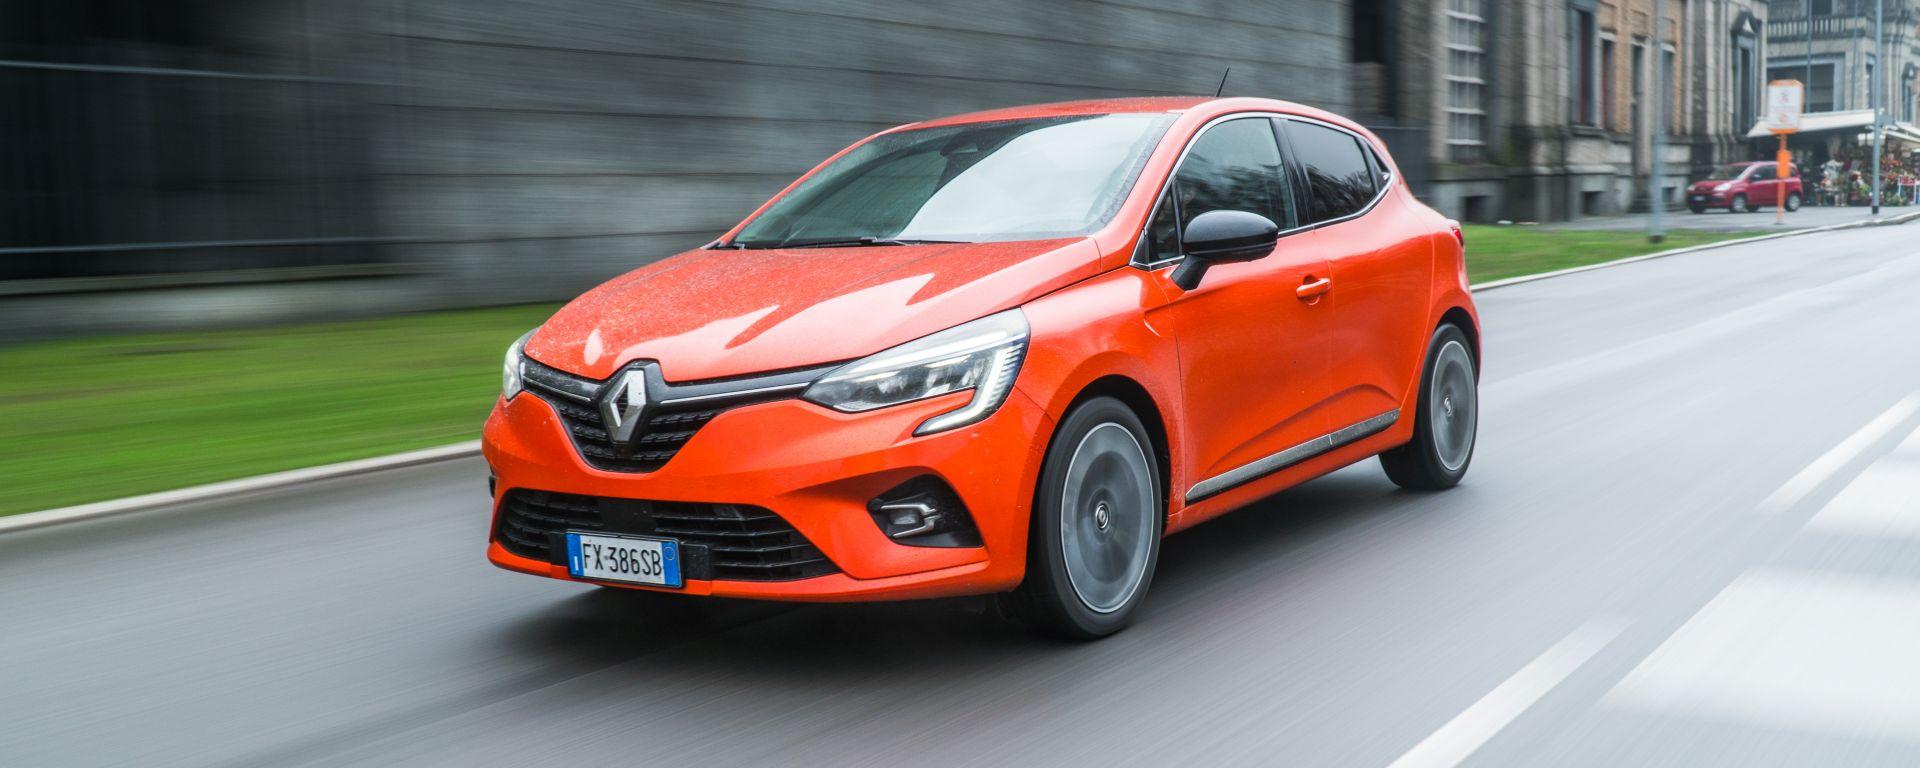 Renault Clio: è lei l'auto più venduta in Europa a febbraio 2020